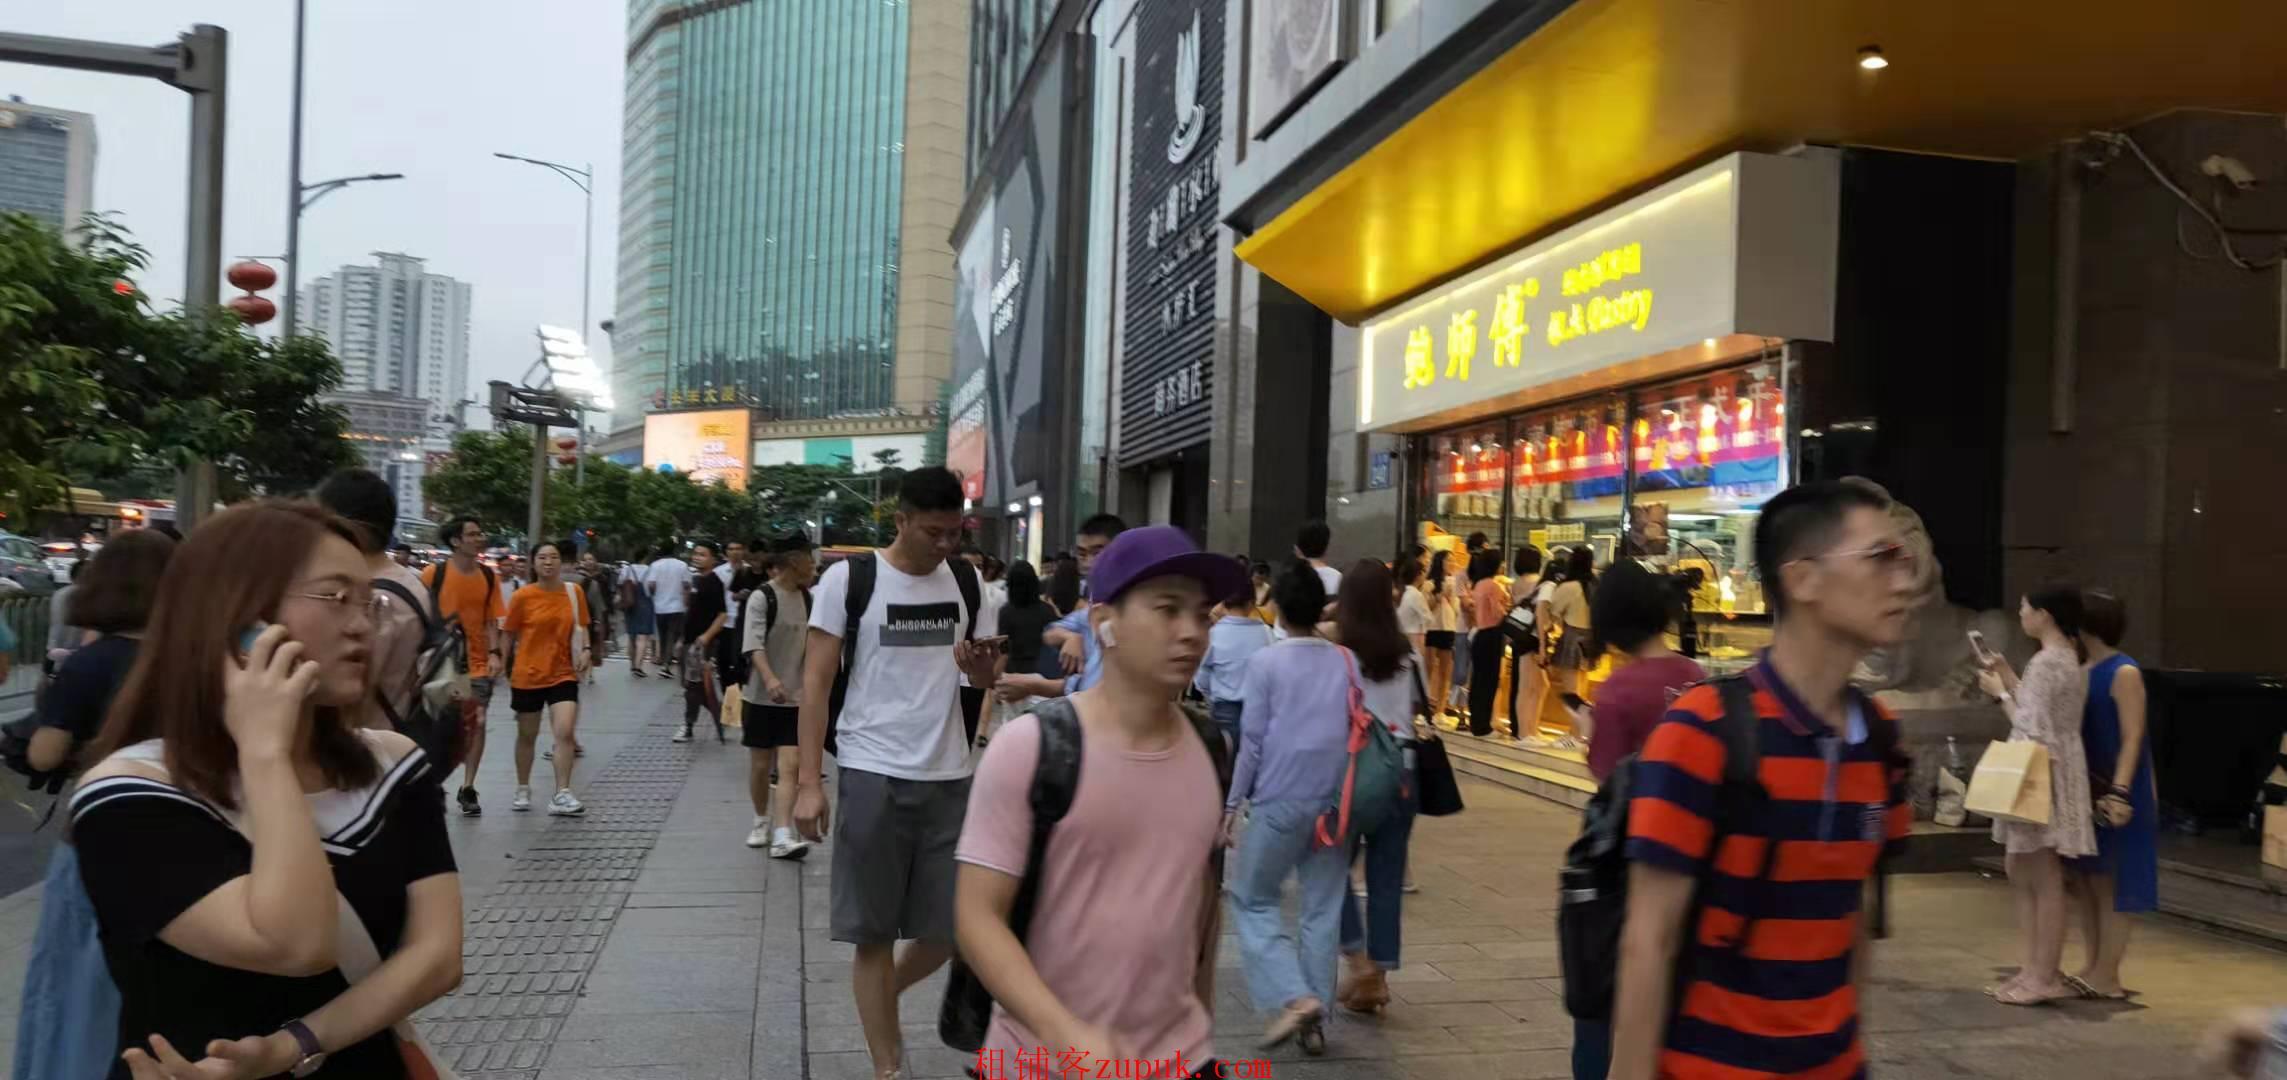 文昌南路,街人超多,可各种餐饭,麻辣烫,粥粉面,生意好做